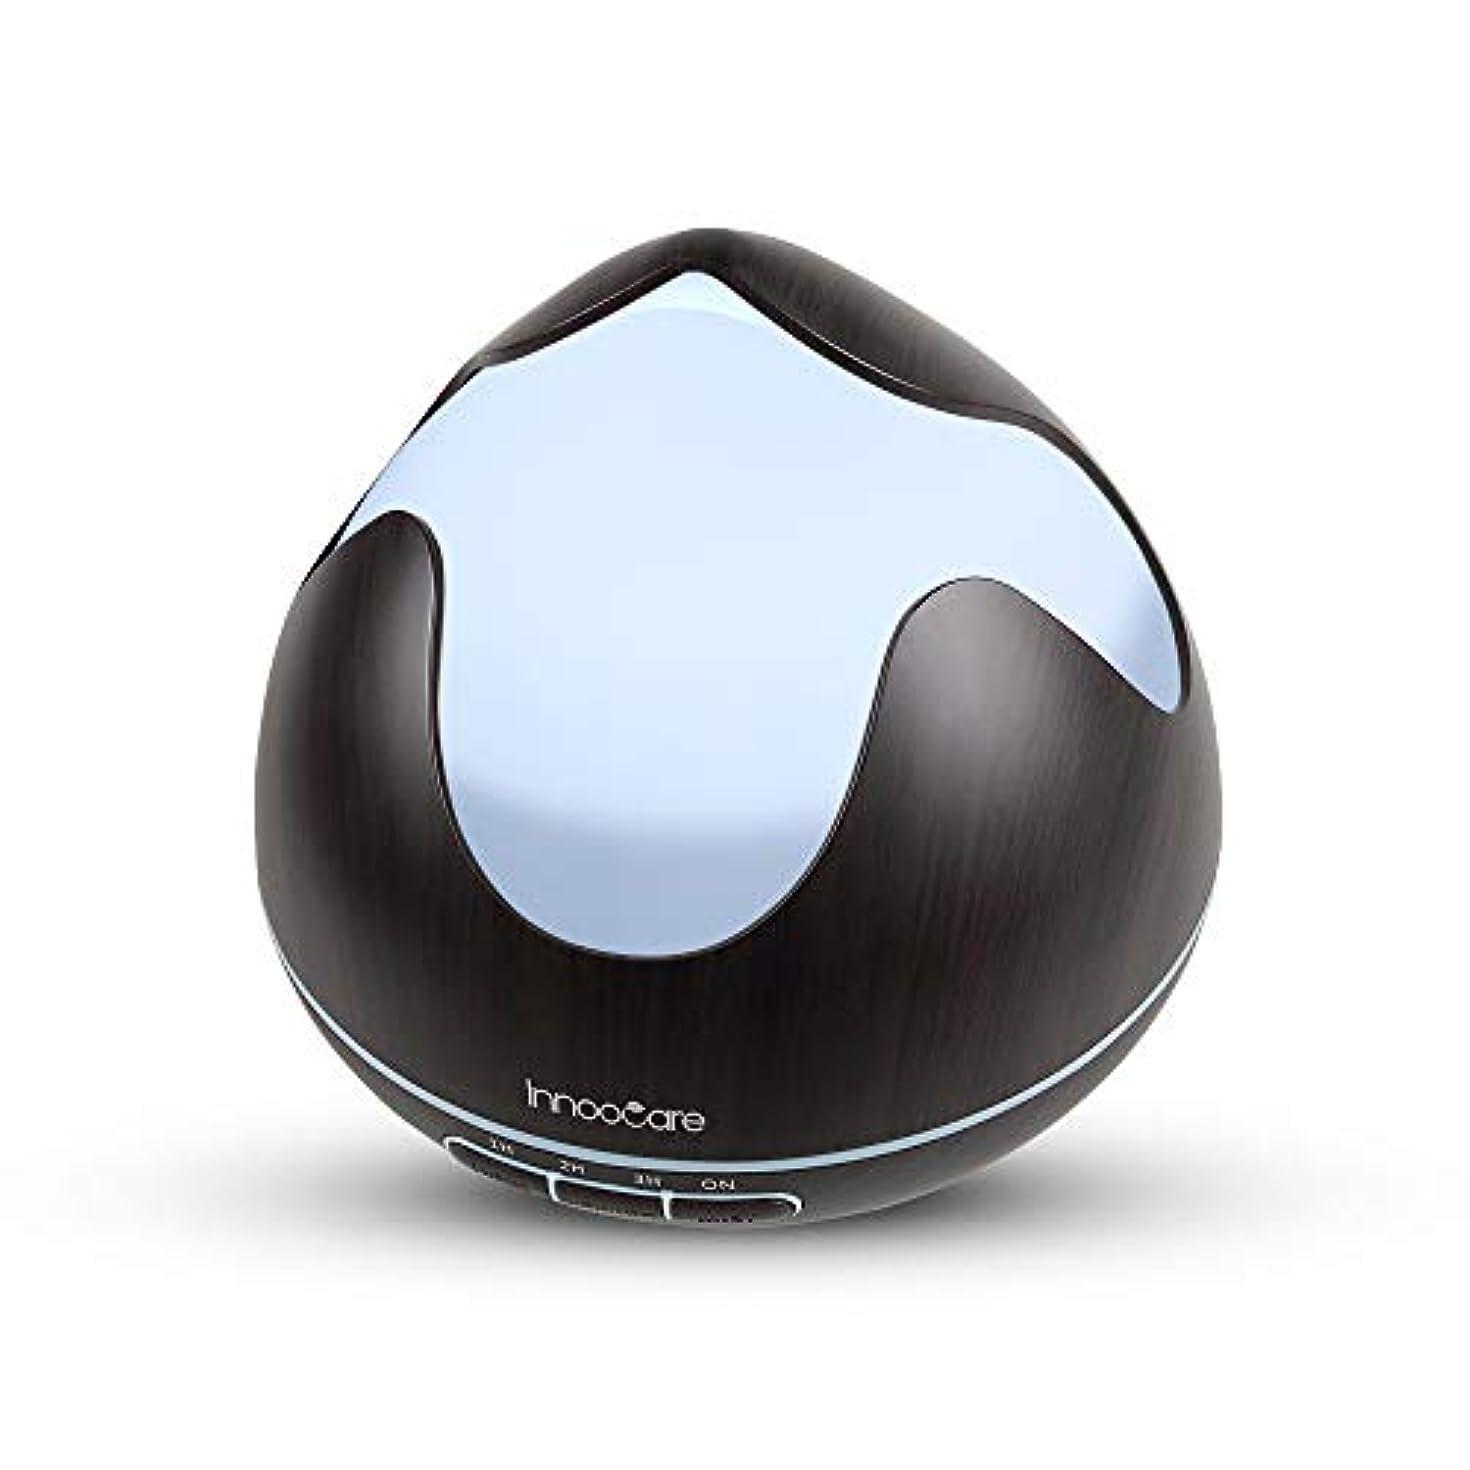 400ミリリットル超音波クールミストアロマ加湿器、アロマセラピーエッセンシャルオイルディフューザー付き7色変更LEDライト、調節可能,Deepgrain